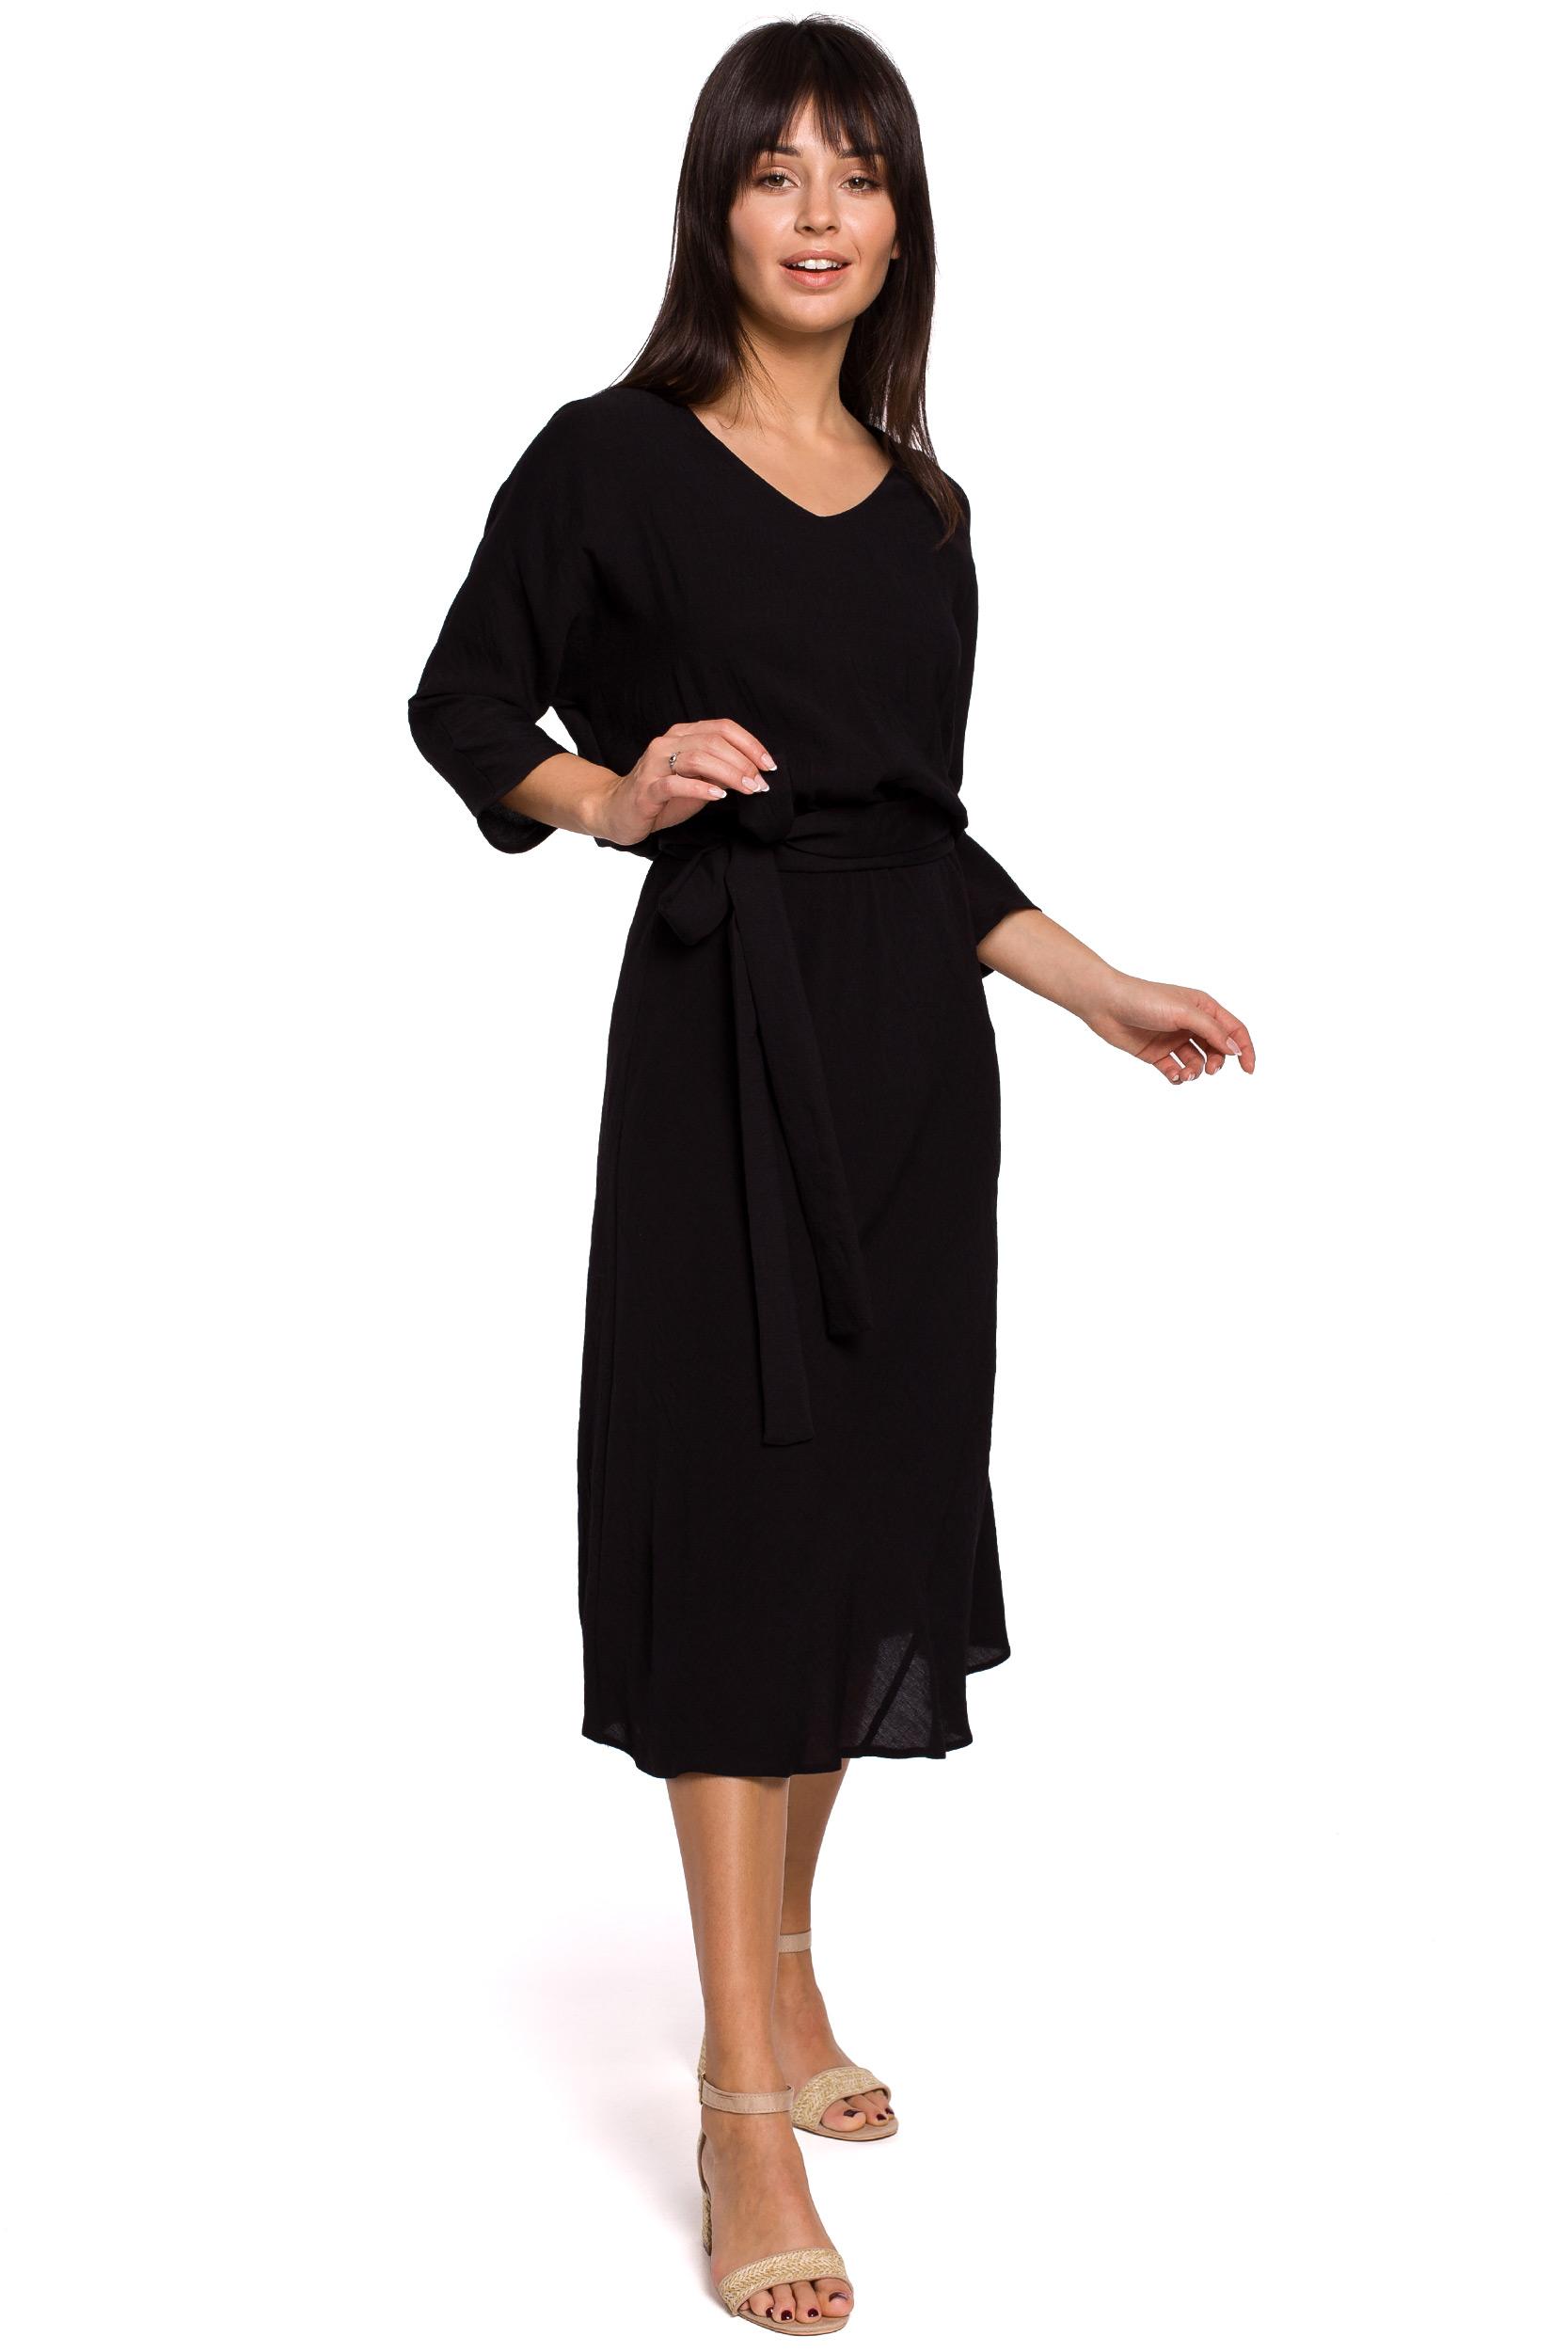 Silkesfin Klänning med knytband